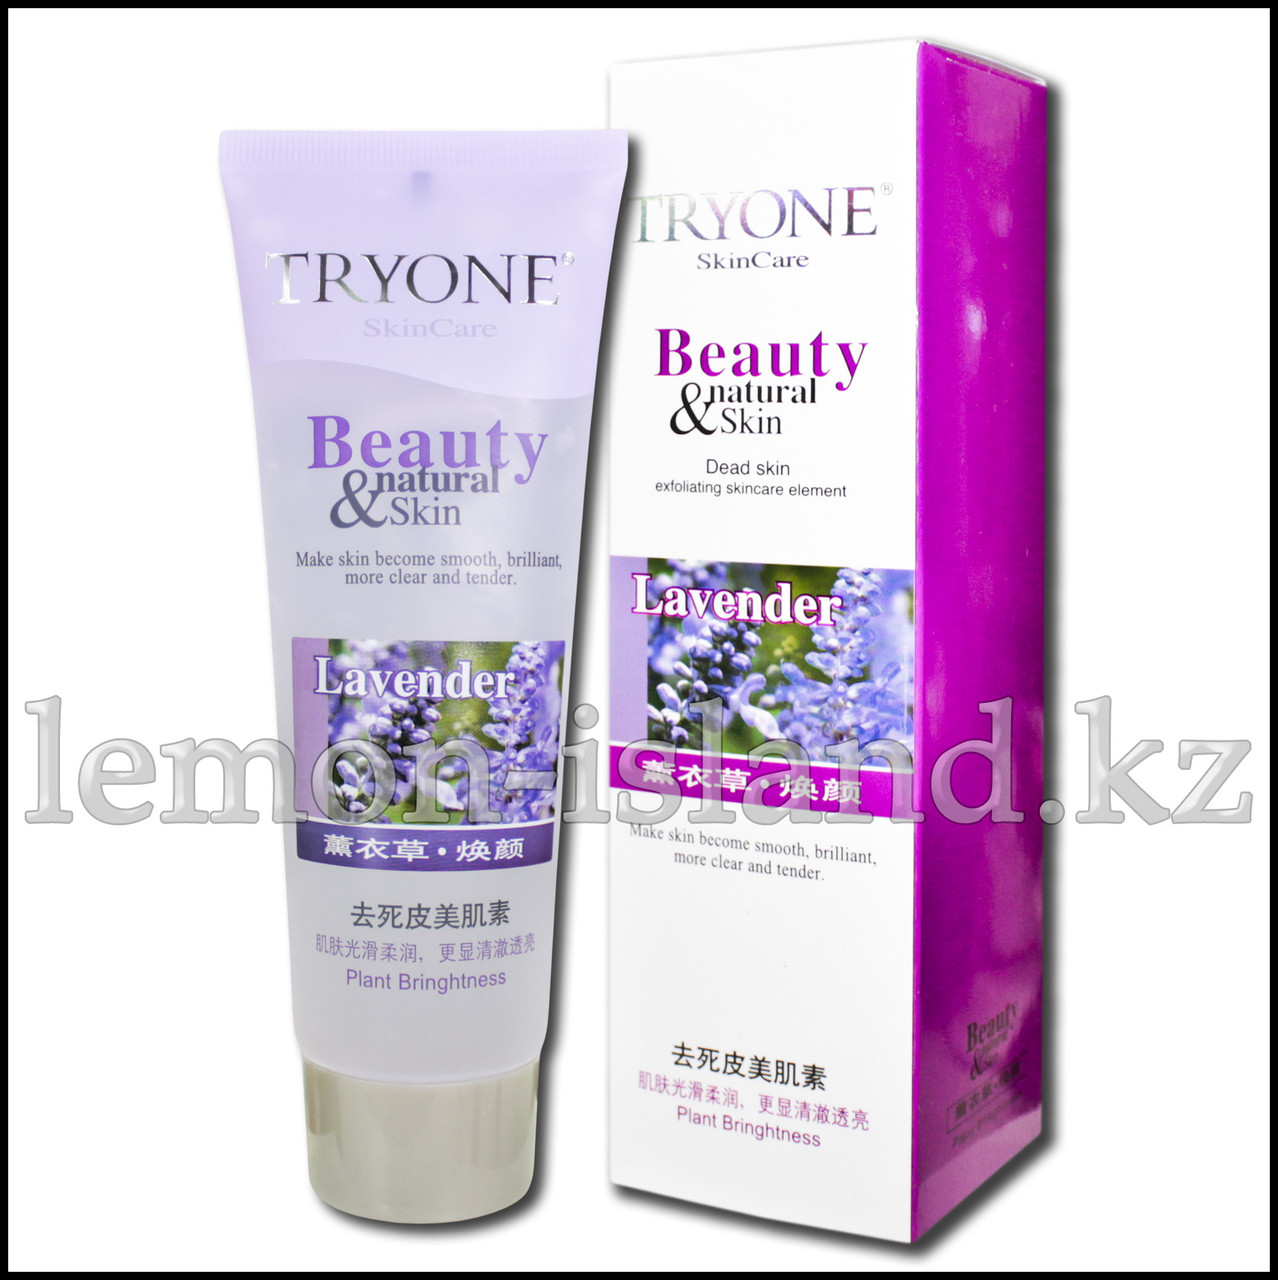 Пилинг для лица, стимулирующий регенерацию кожи, с эфирными маслами лаванды.